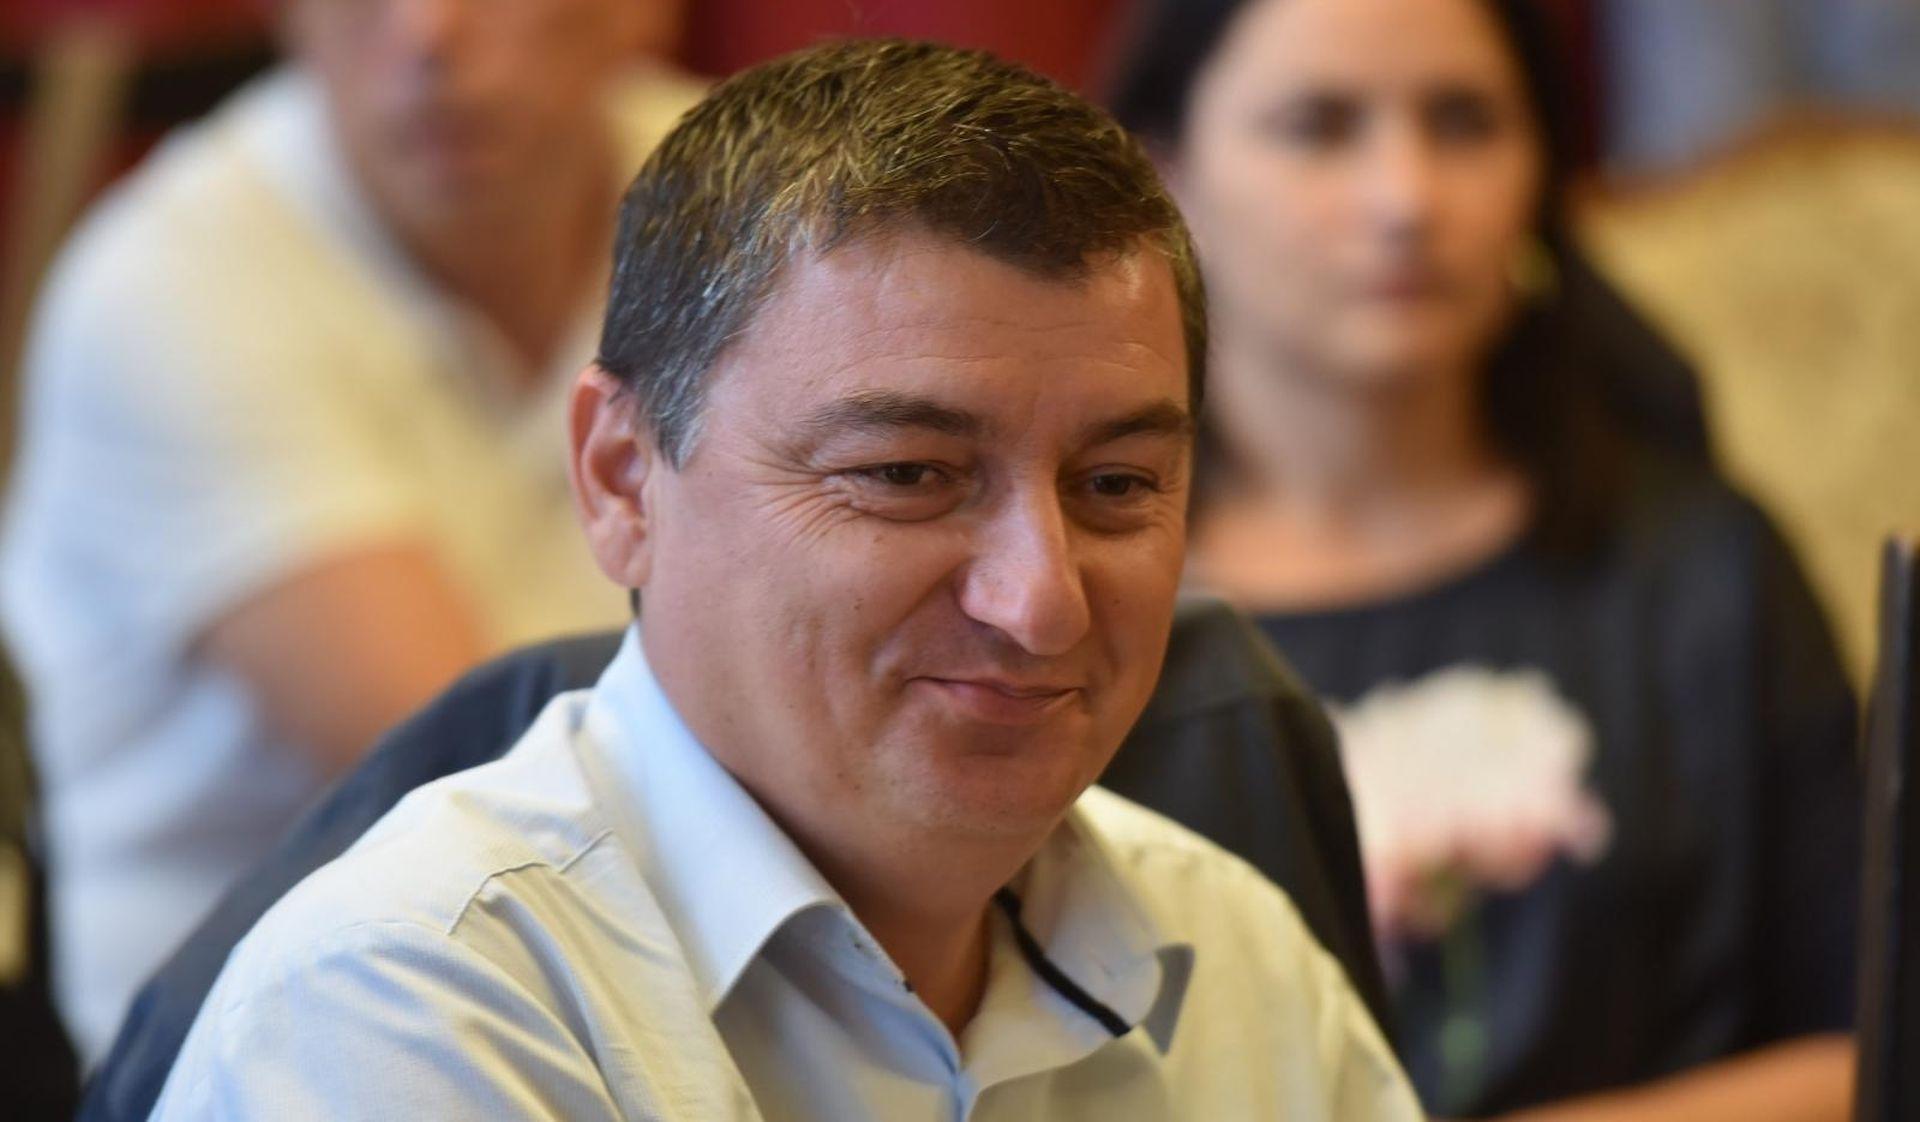 NO 3. maja odobrio naplatu zadužnice od 550 milijuna kuna